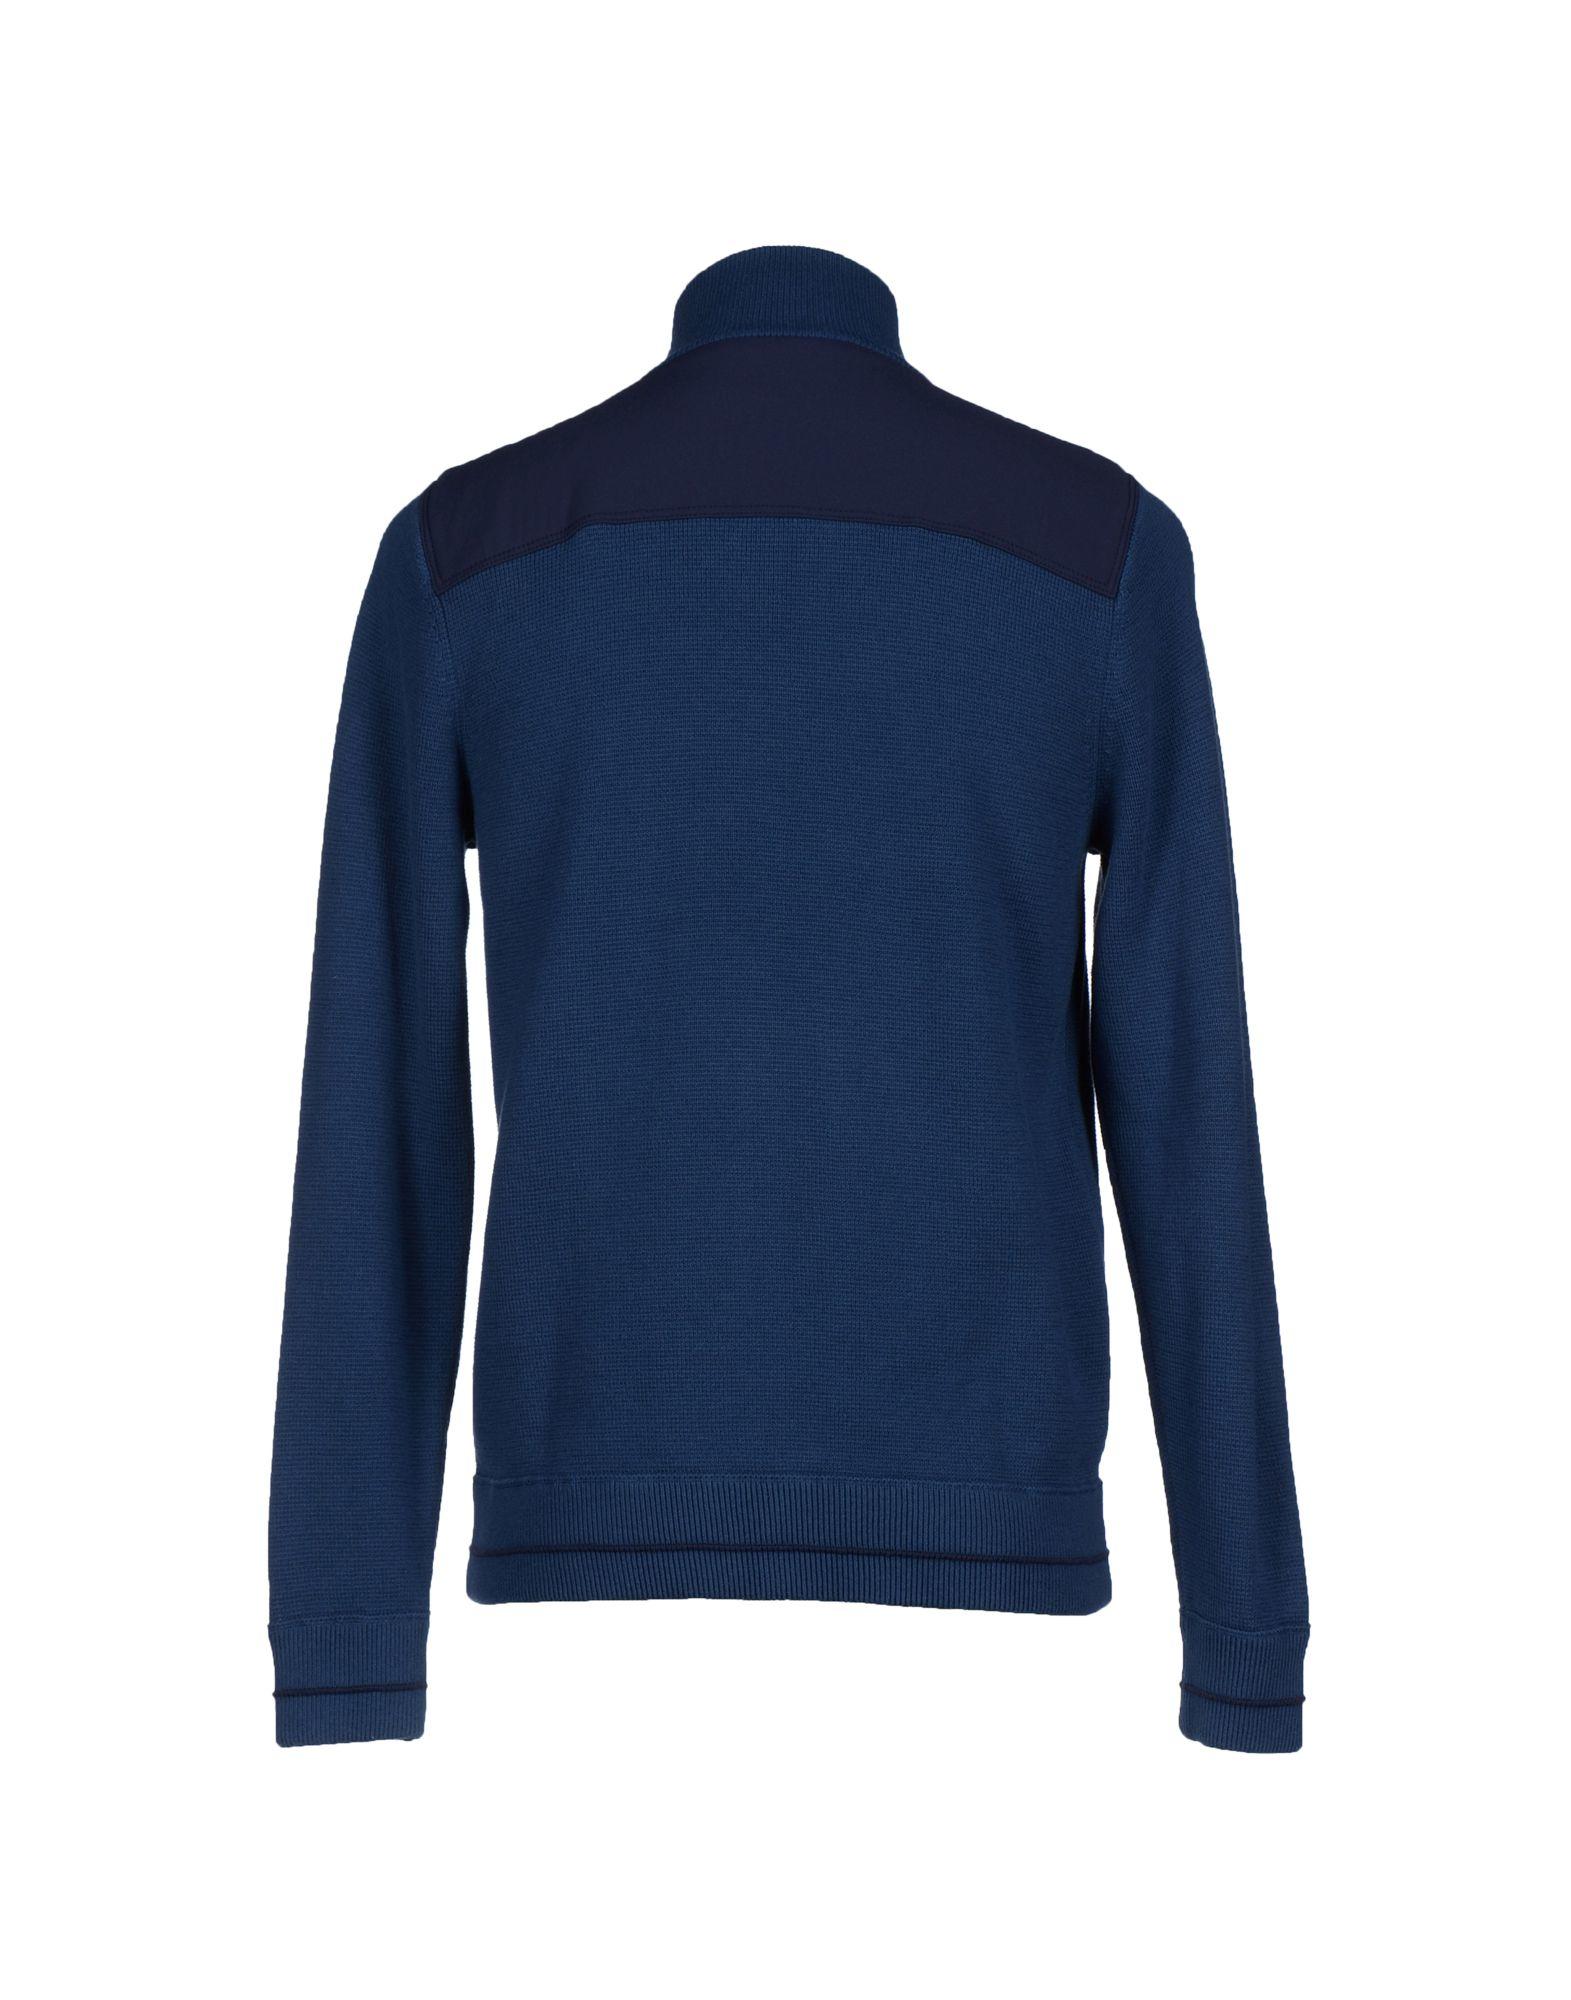 tommy hilfiger cardigan in blue for men lyst. Black Bedroom Furniture Sets. Home Design Ideas